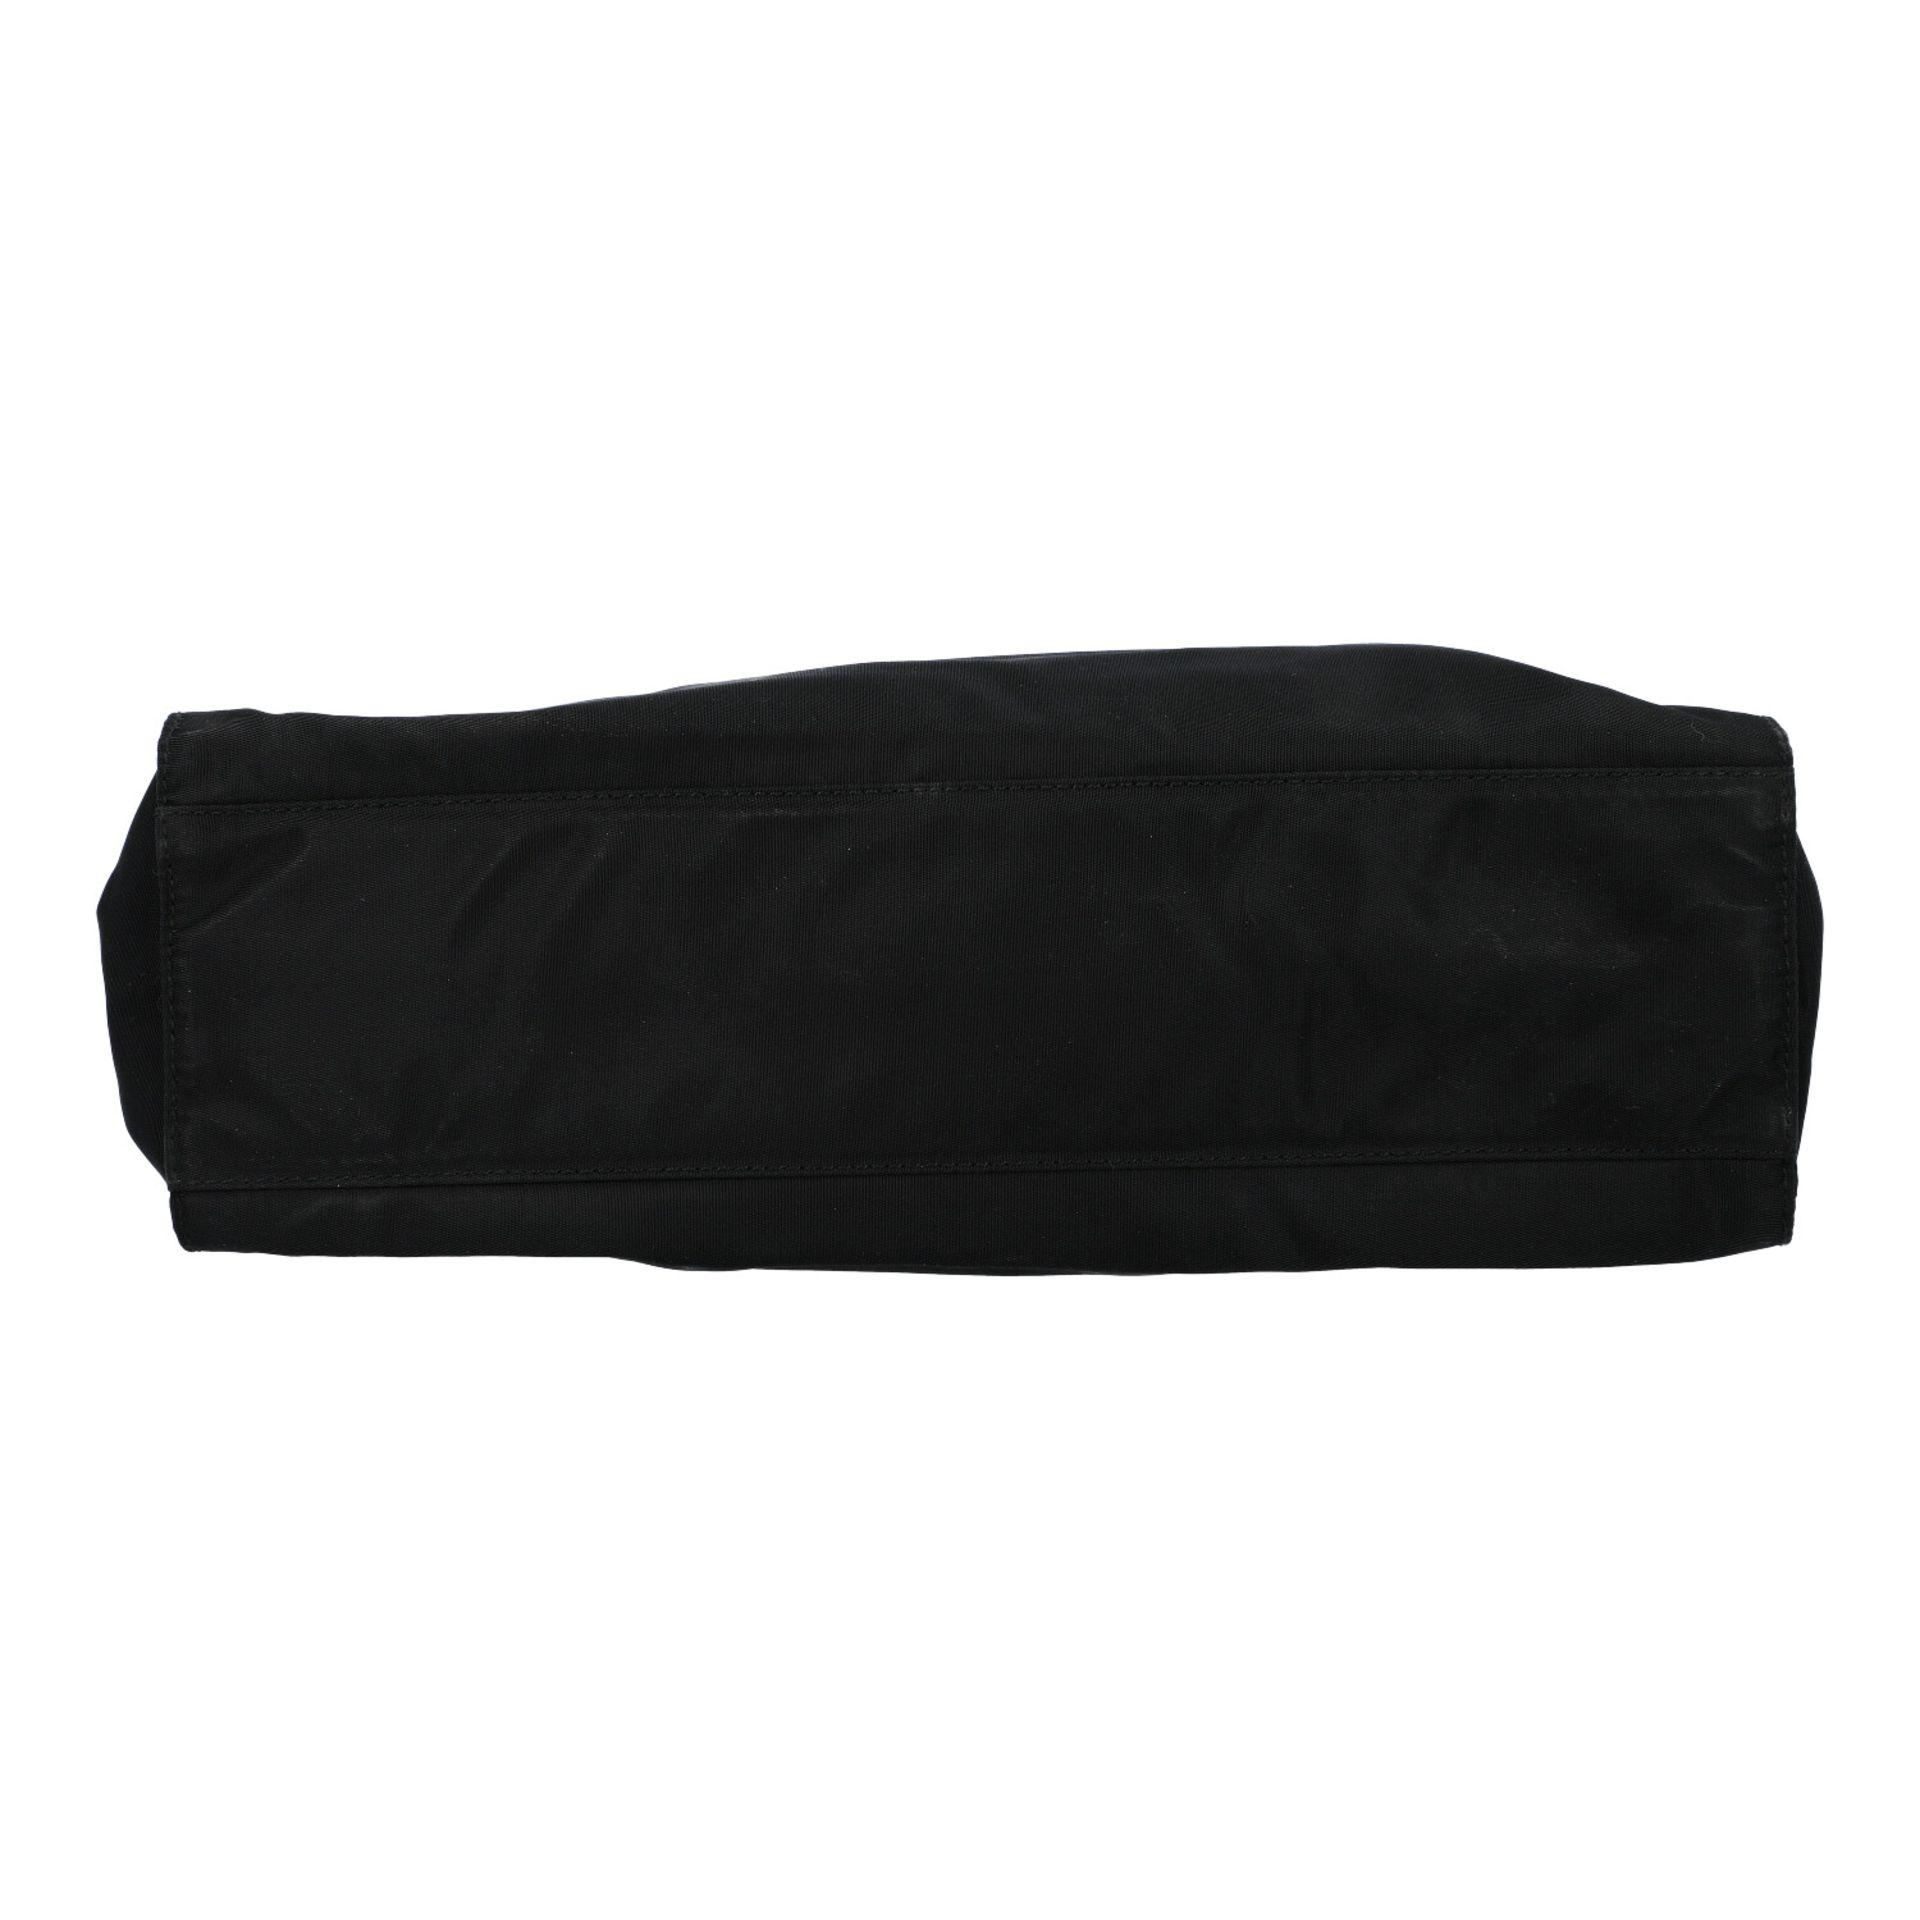 PRADA Henkeltasche. Modell aus schwarzem Nylon mit silberfarbenen Doppelhenkln aus Met - Image 5 of 7